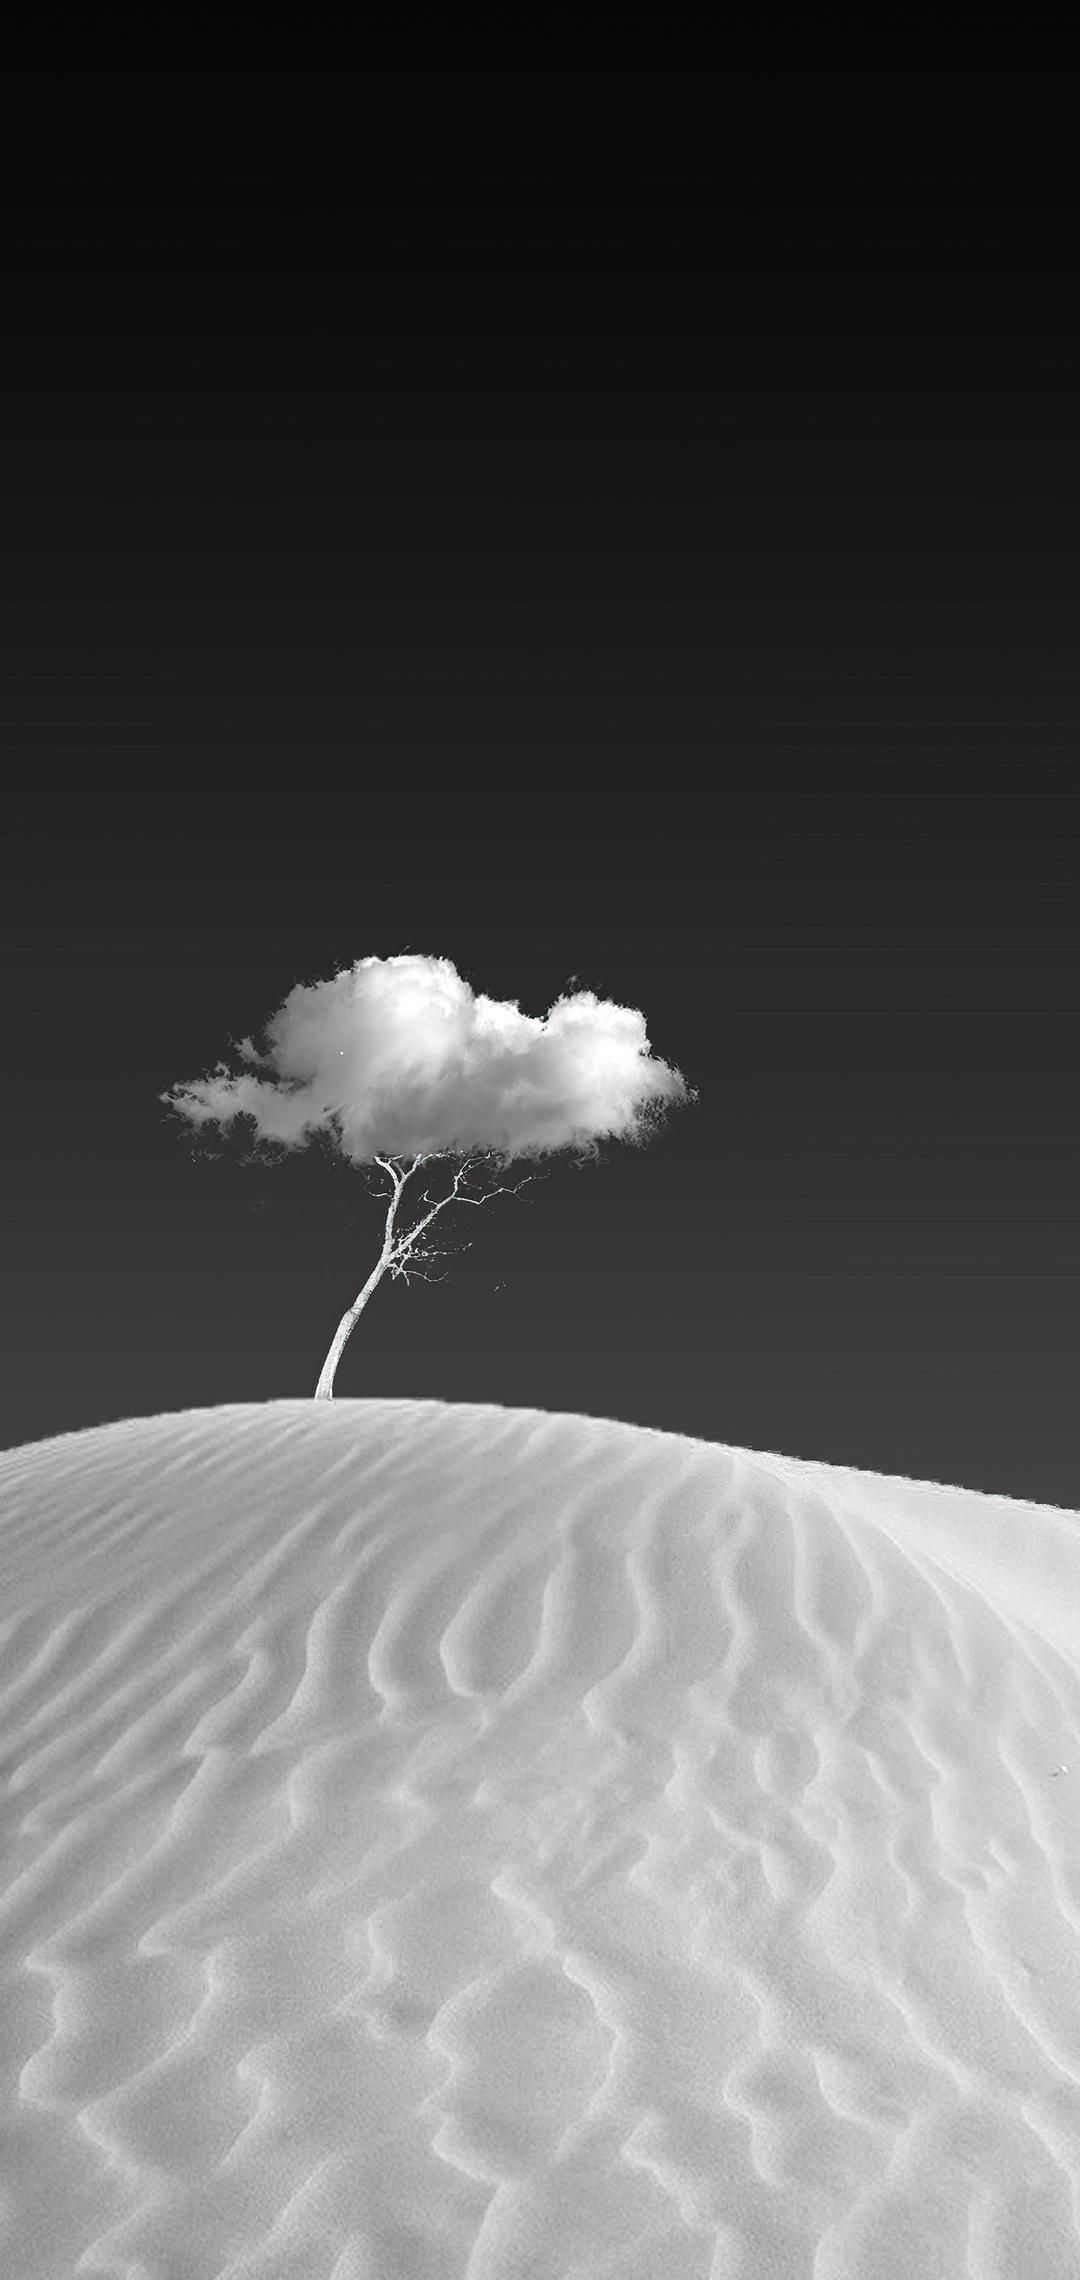 cloud-on-tree-vp.jpg